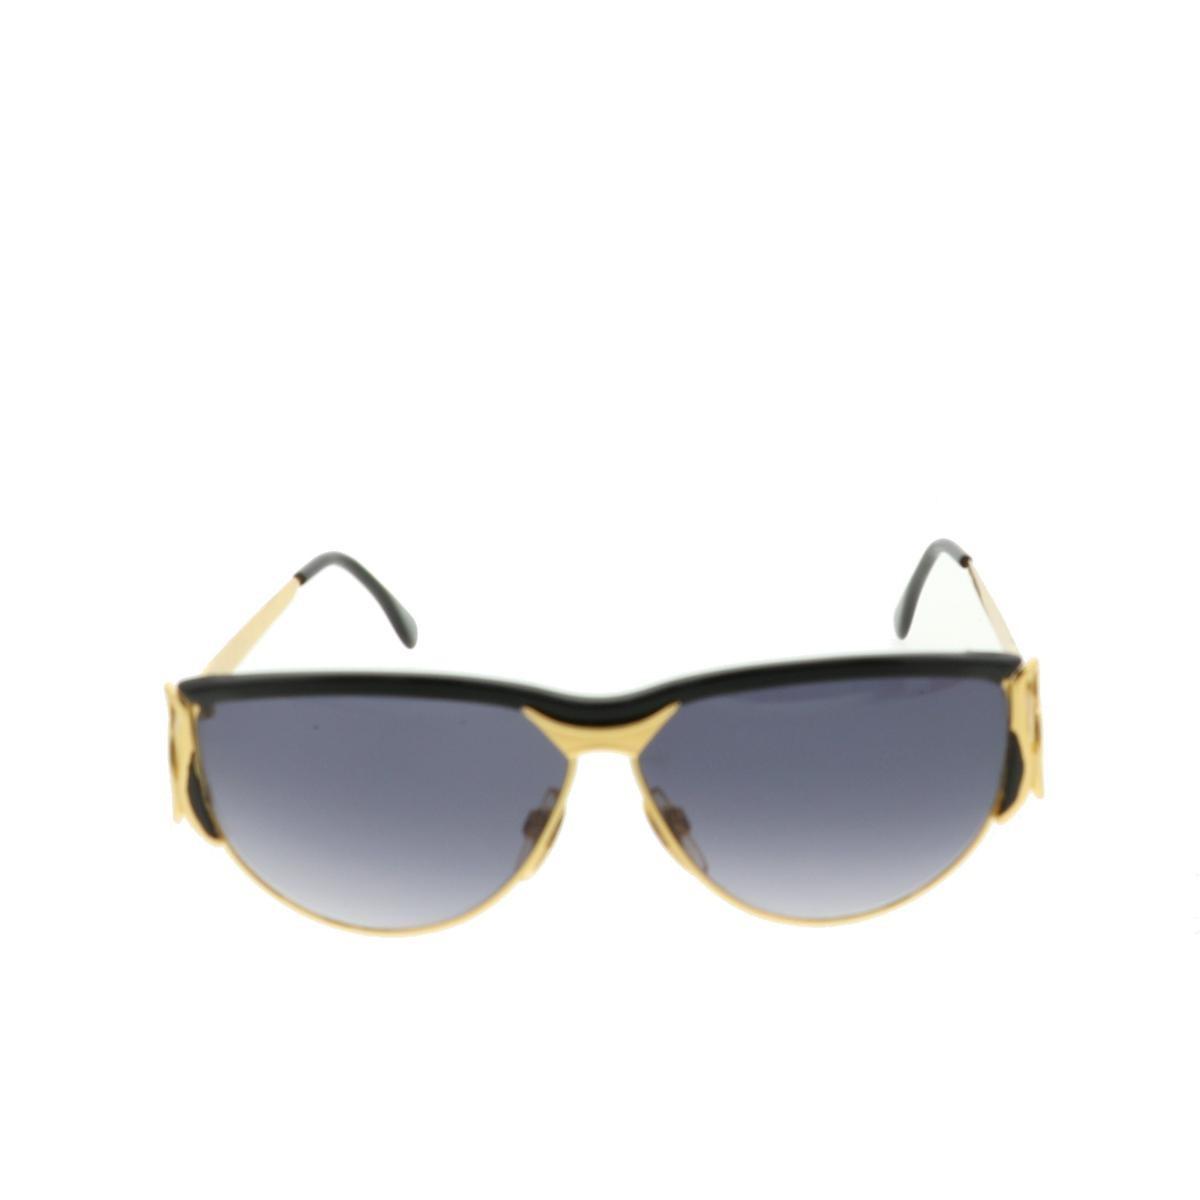 【中古】GIVENCHY ジバンシー サングラス 服飾 眼鏡/サングラス  Black/ブラック スネーク  used:B